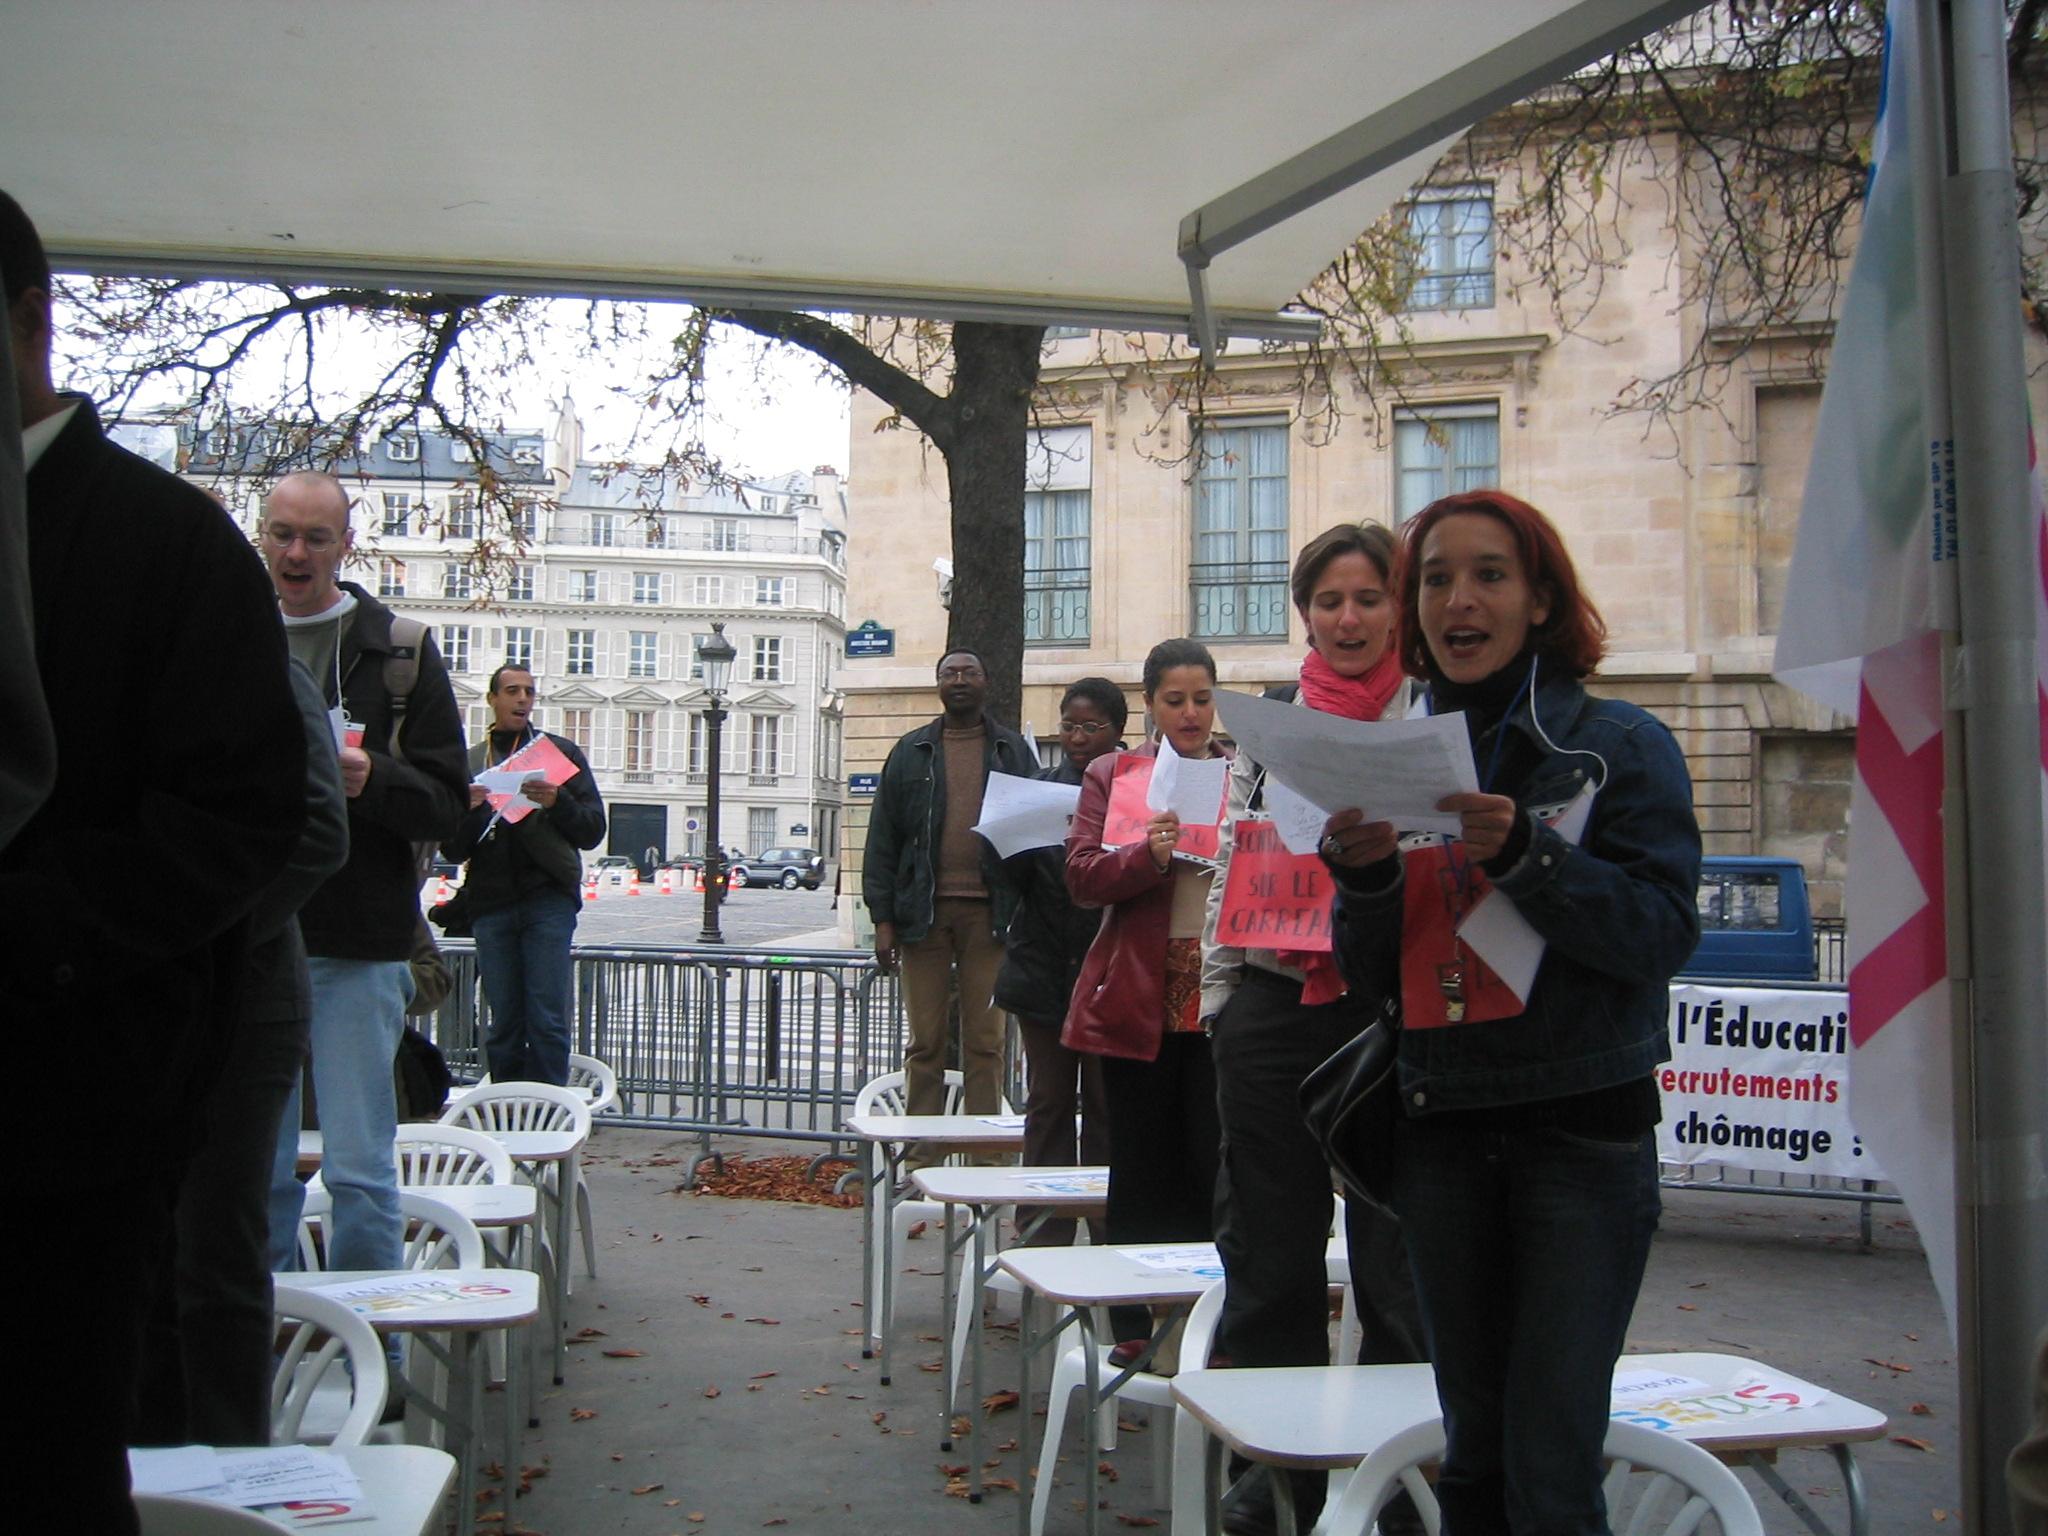 Les photos du rassemblement des non titulaires du 13 for Chambre criminelle 13 octobre 2004